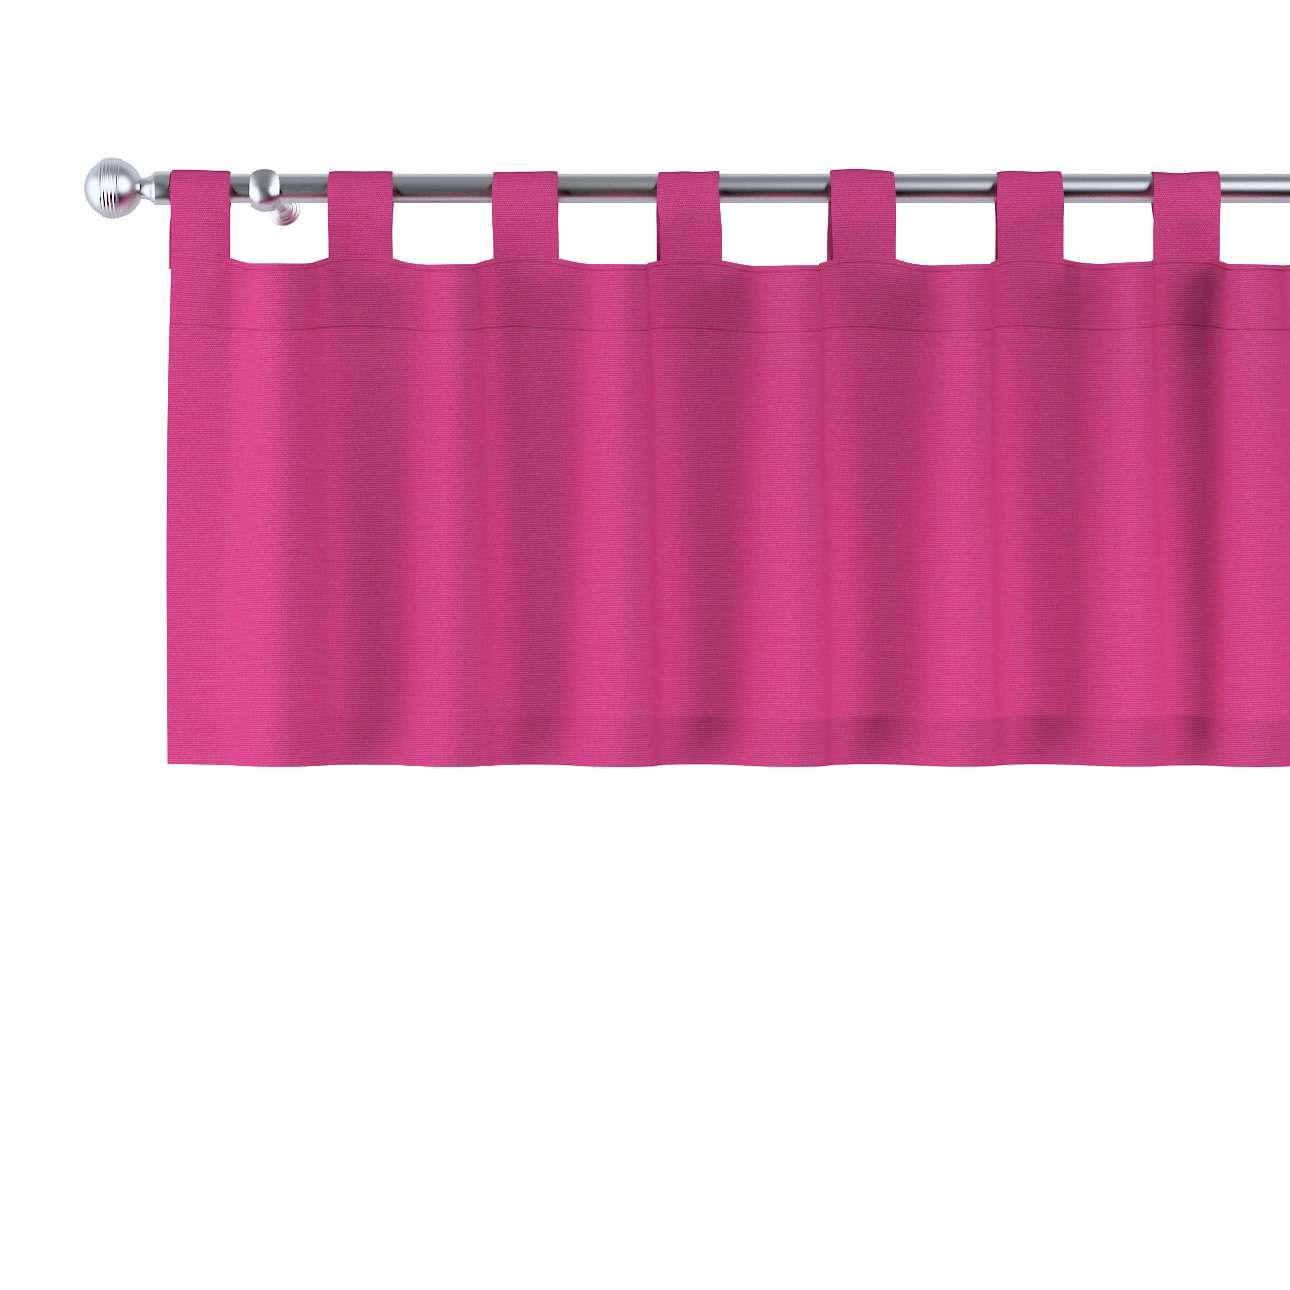 Gardinkappe med stropper 130x40cm fra kollektionen Loneta, Stof: 133-60